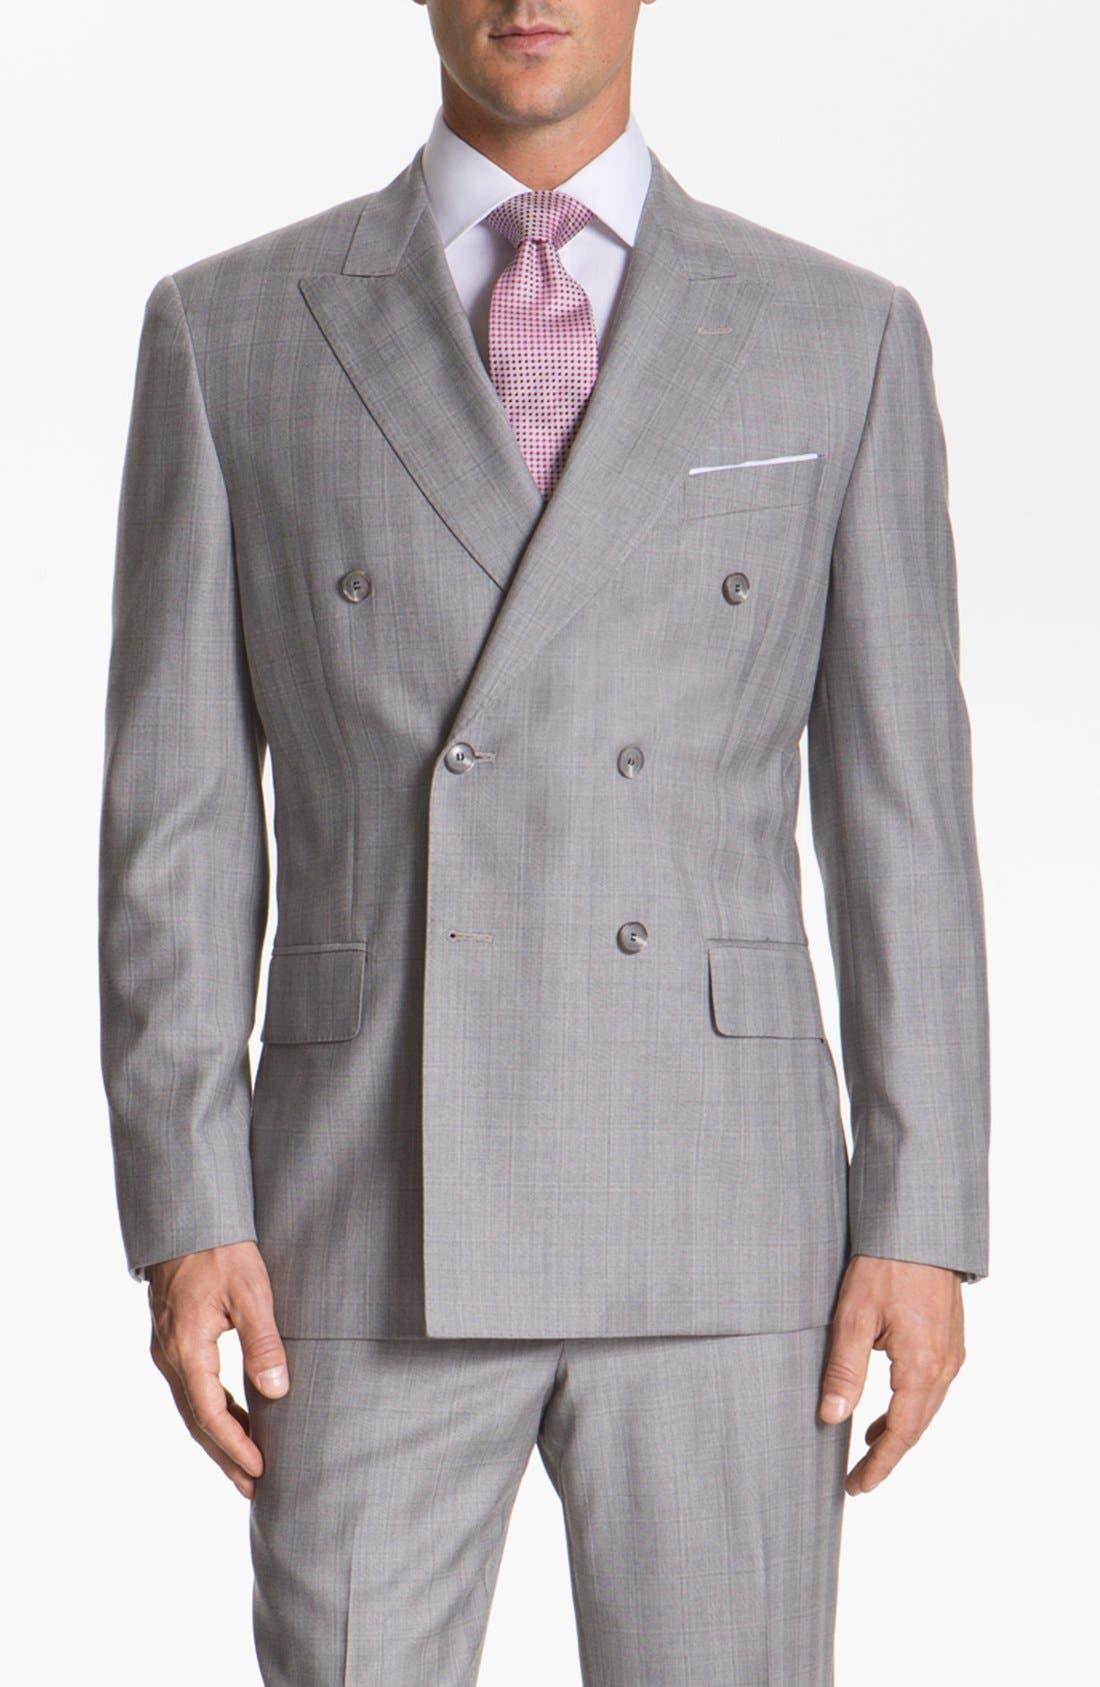 JOSEPH ABBOUD,                             'Platinum' Double Breasted Suit,                             Alternate thumbnail 3, color,                             050